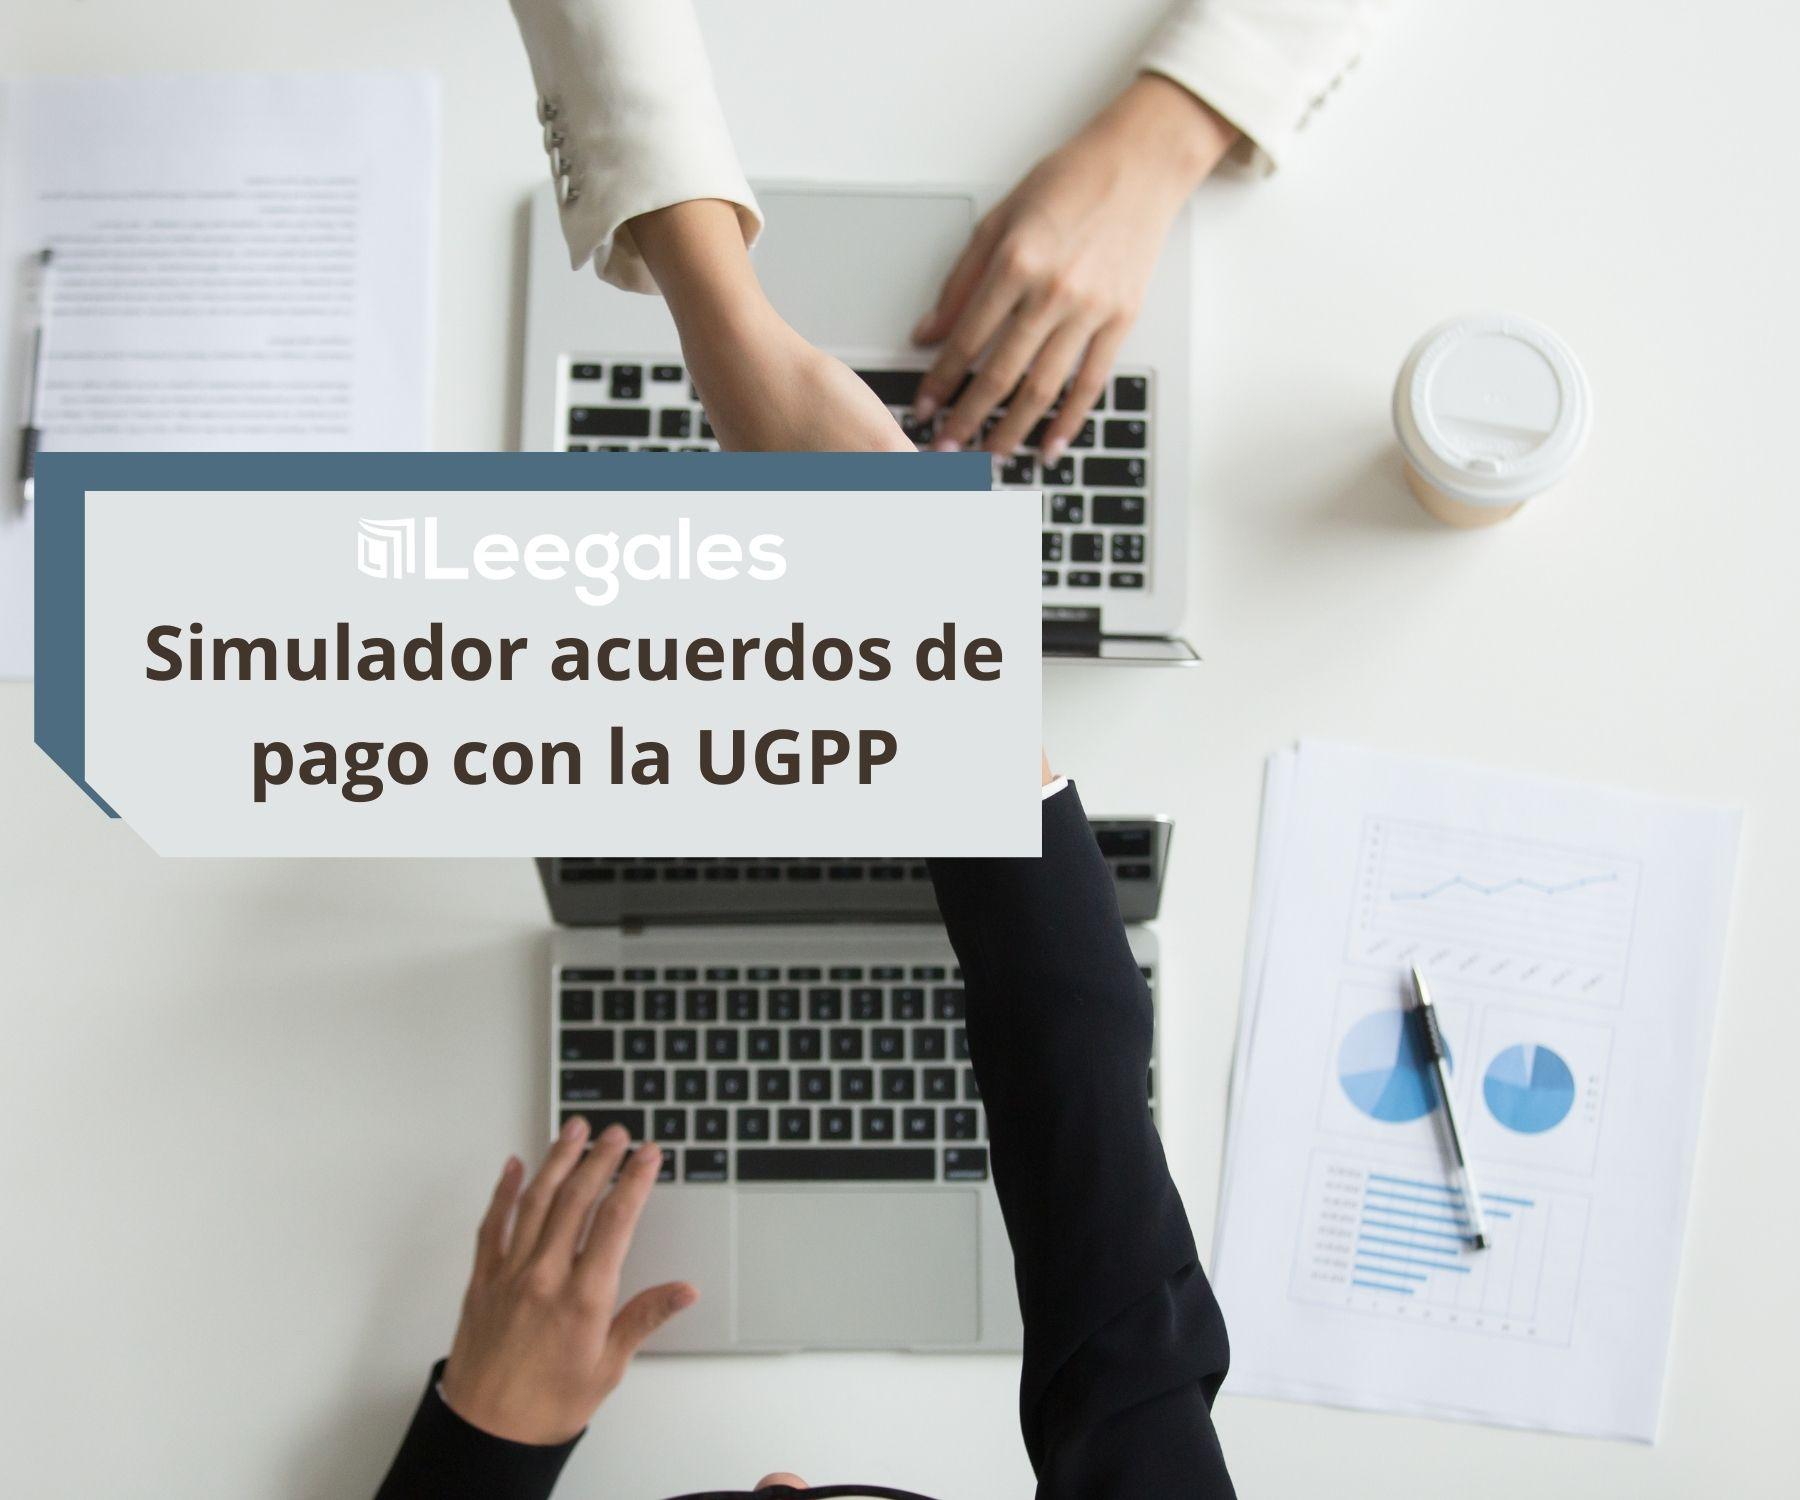 Se amplió la fecha límite para suscribir acuerdos de pago con la UGPP 1